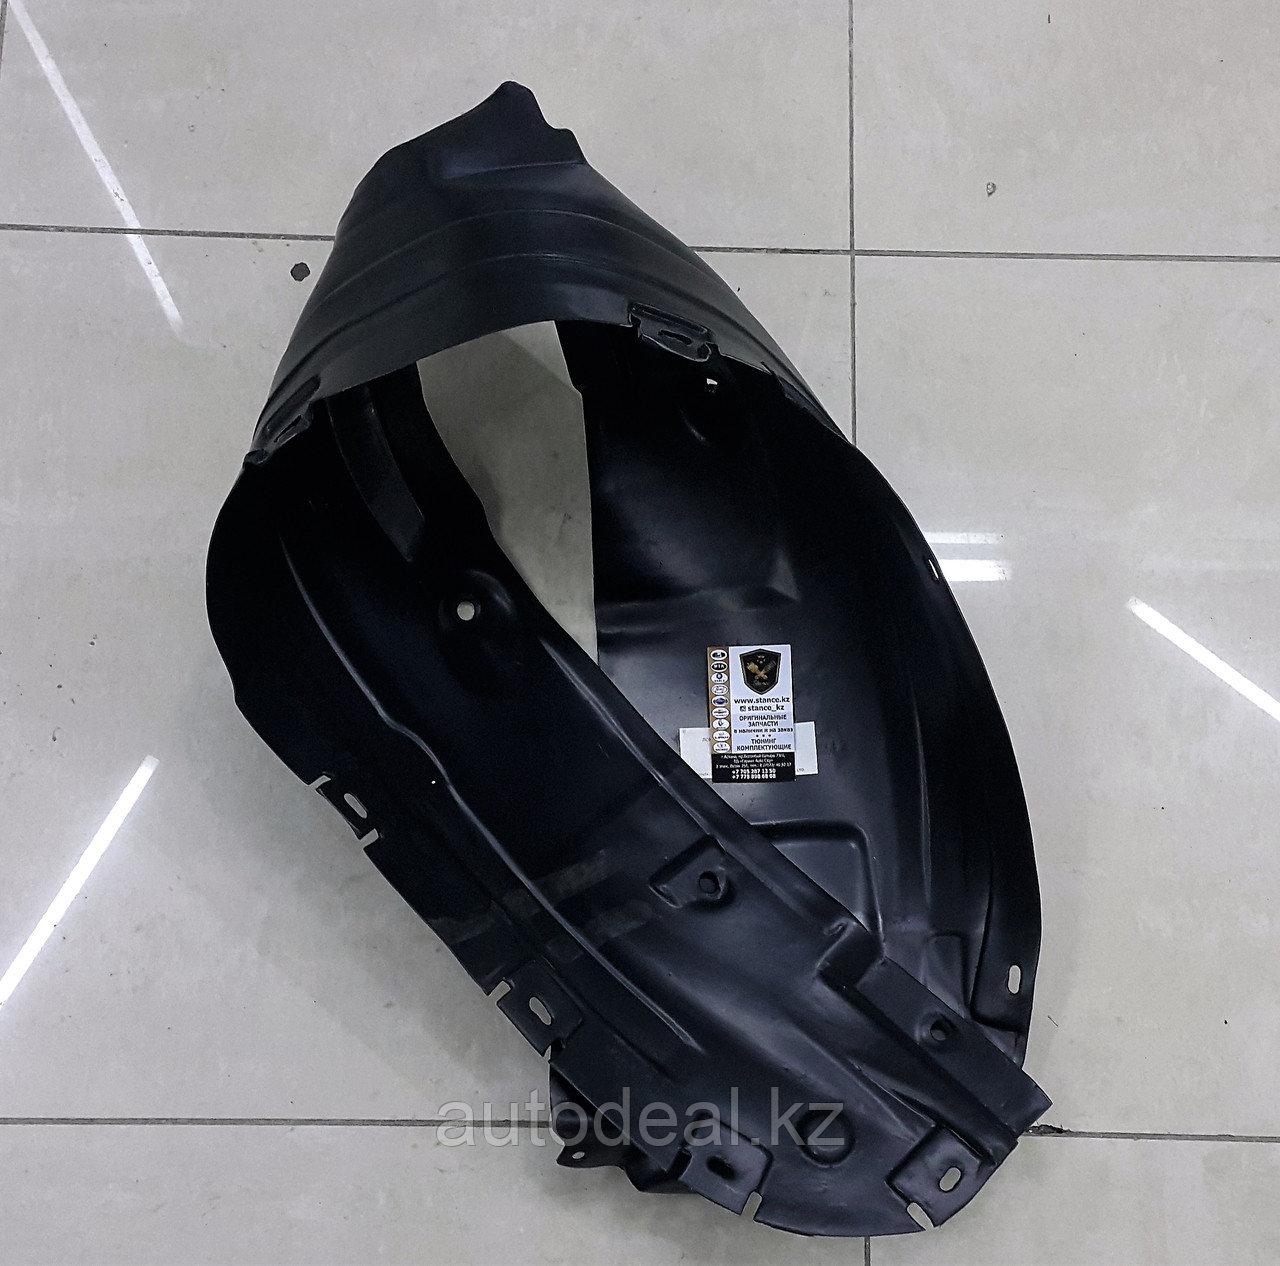 Подкрылок передний правый Lifan X60